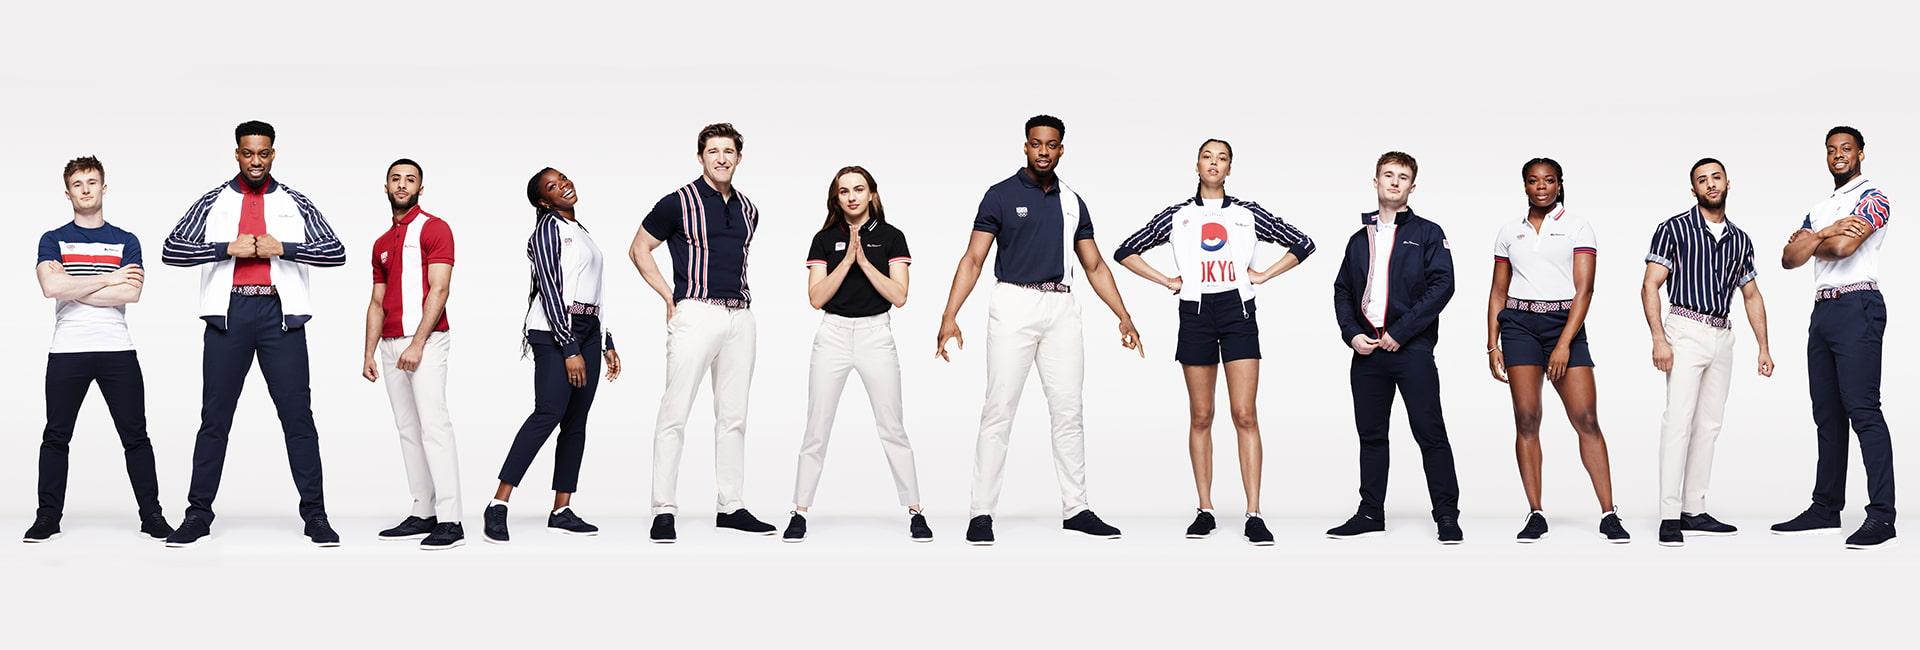 Olympics Team GB Lookbook